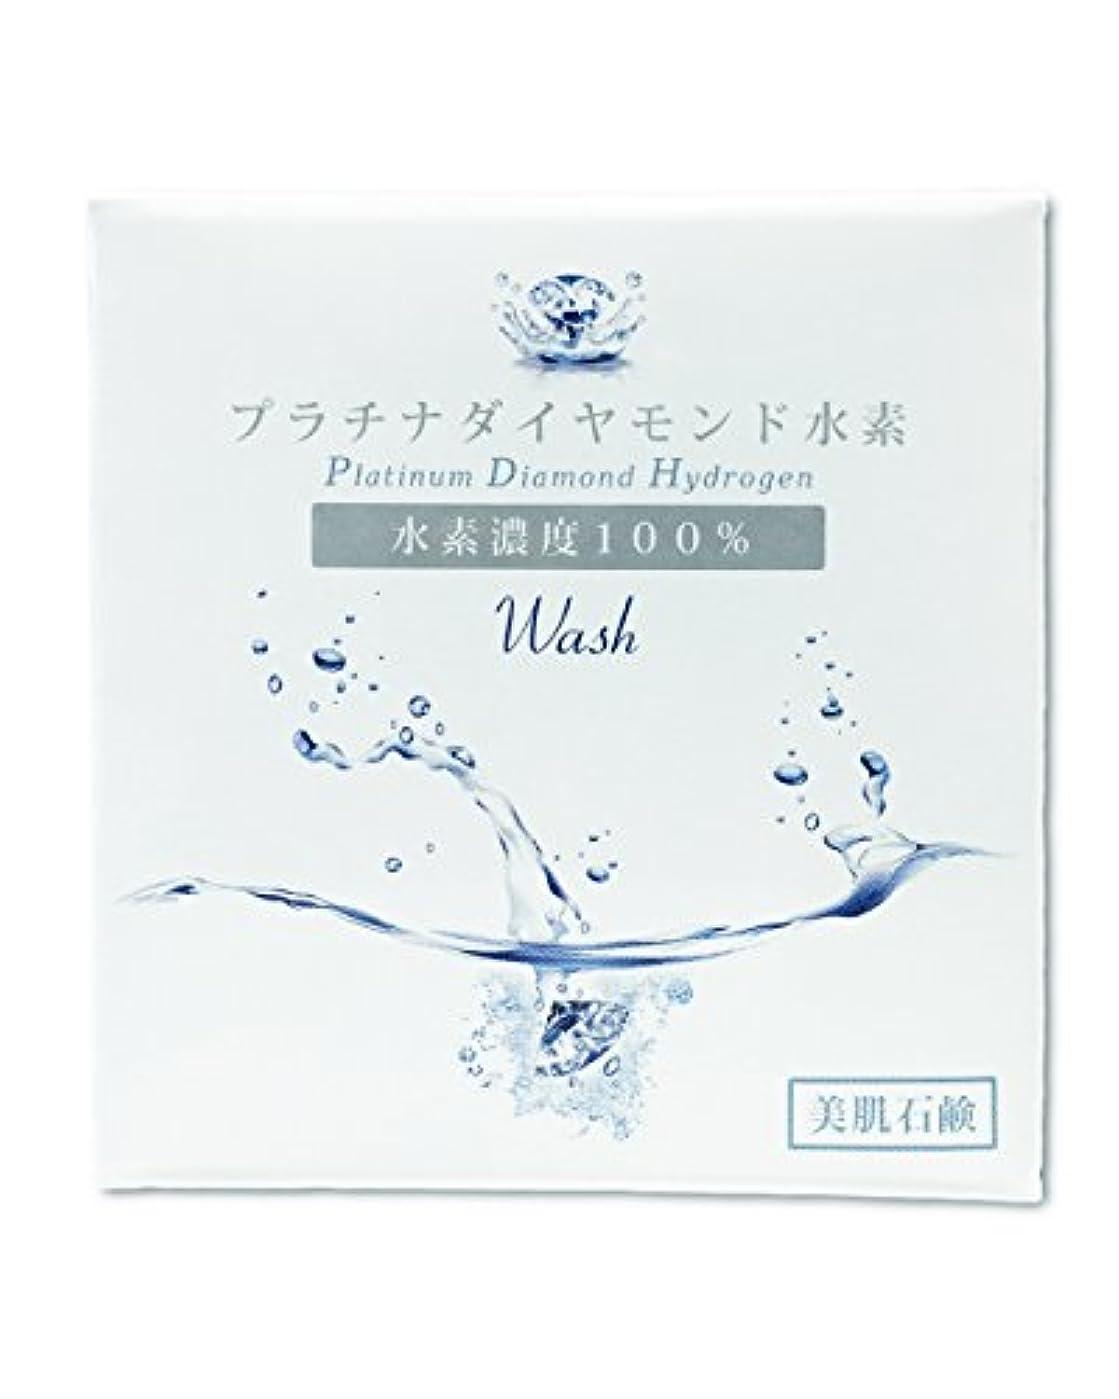 カイウスサンダーカートリッジ水素石鹸 プラチナダイヤモンド水素Wash